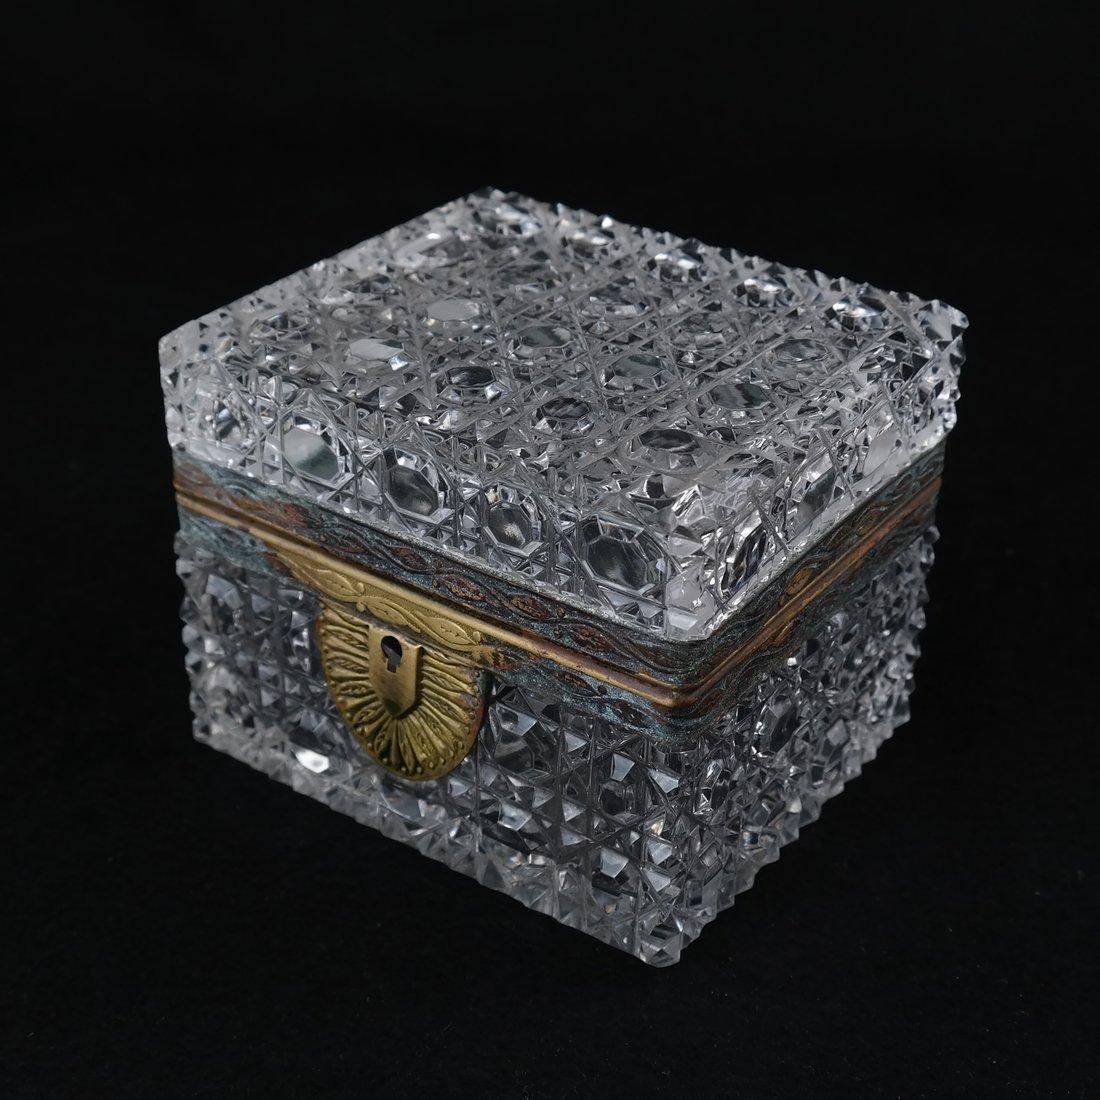 Fine Crystal Jewelry Box